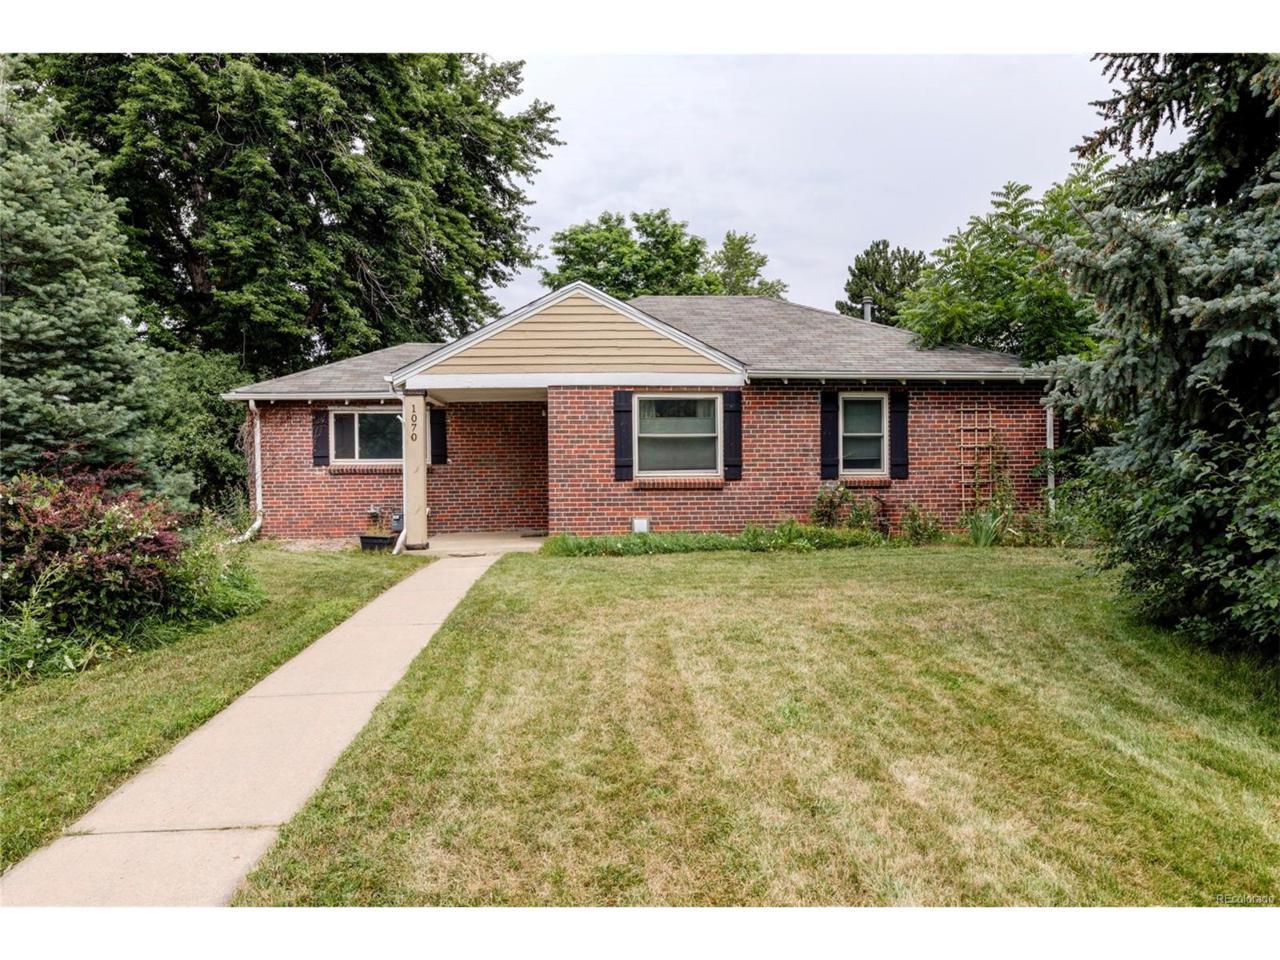 1070 Krameria Street, Denver, CO 80220 (MLS #6264463) :: 8z Real Estate